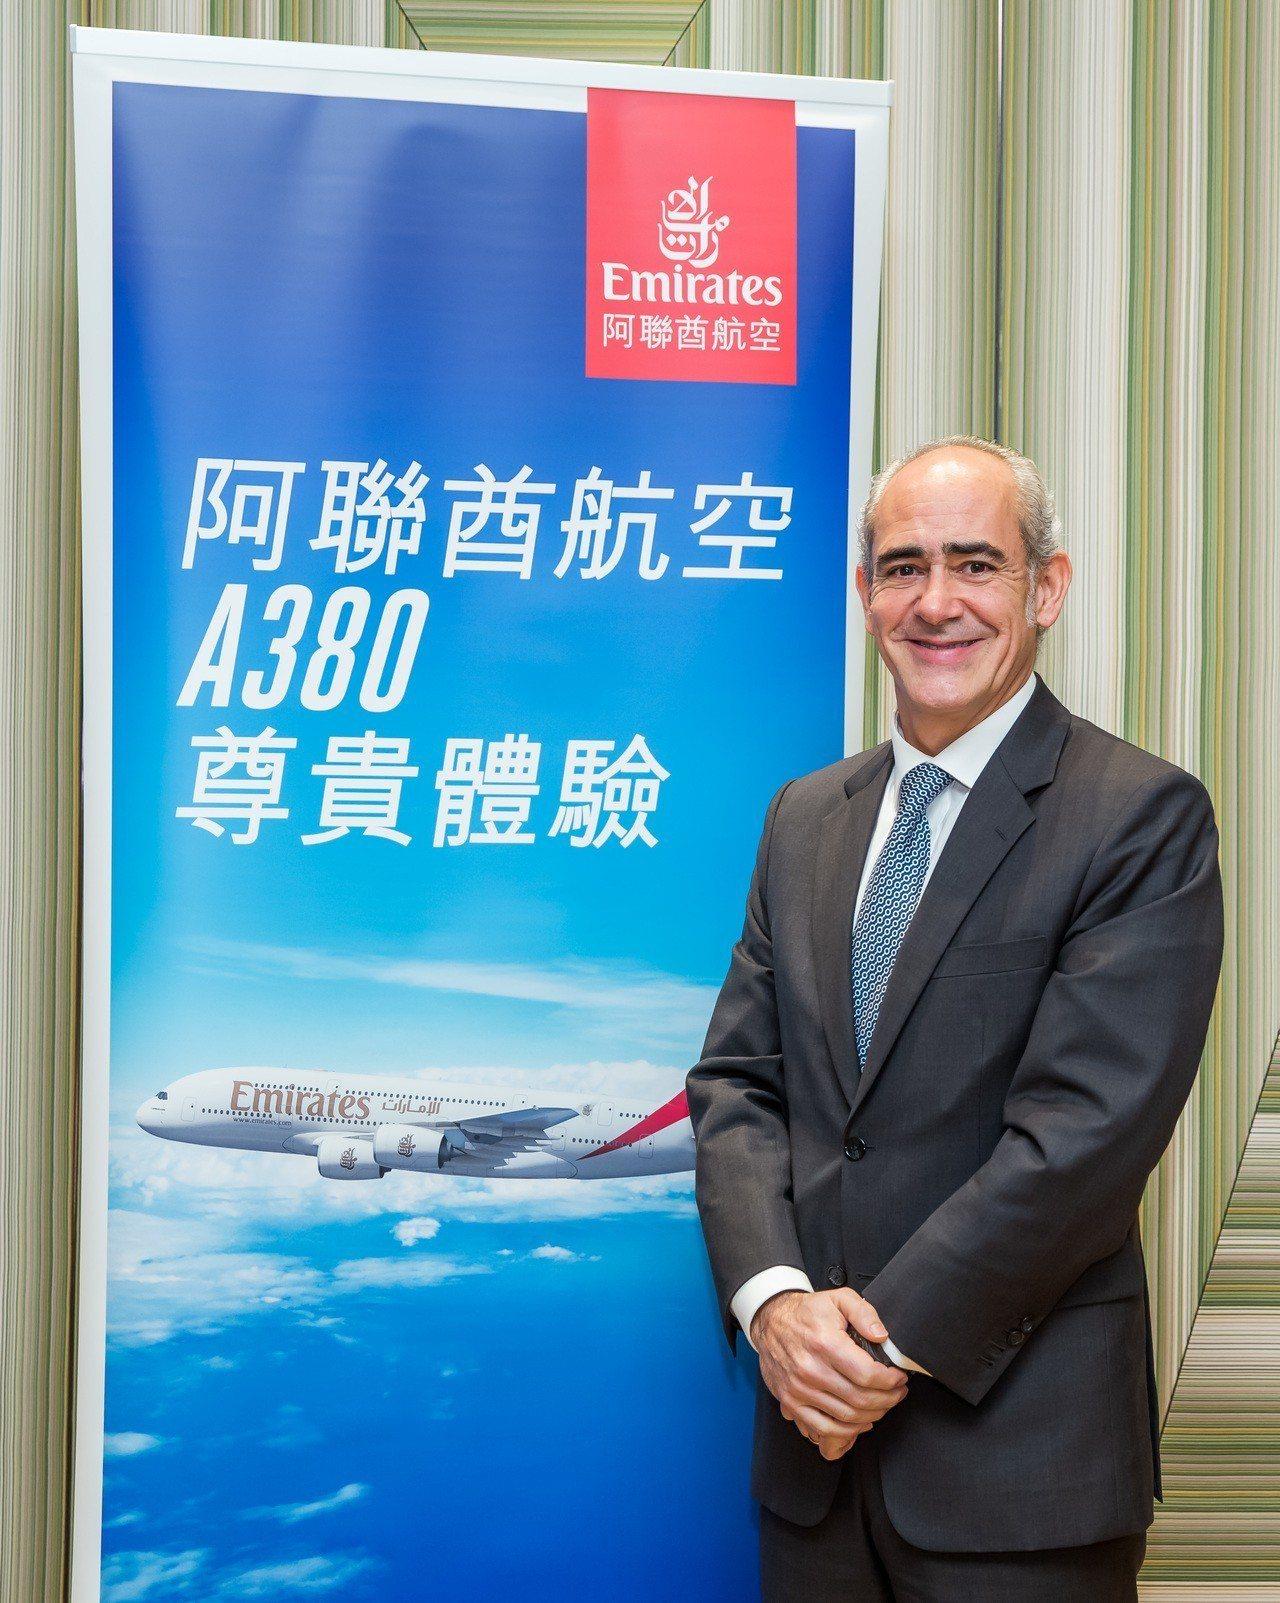 阿聯酋航空香港、廣州及台灣副總裁高豐年來台。圖/阿聯酋航空提供